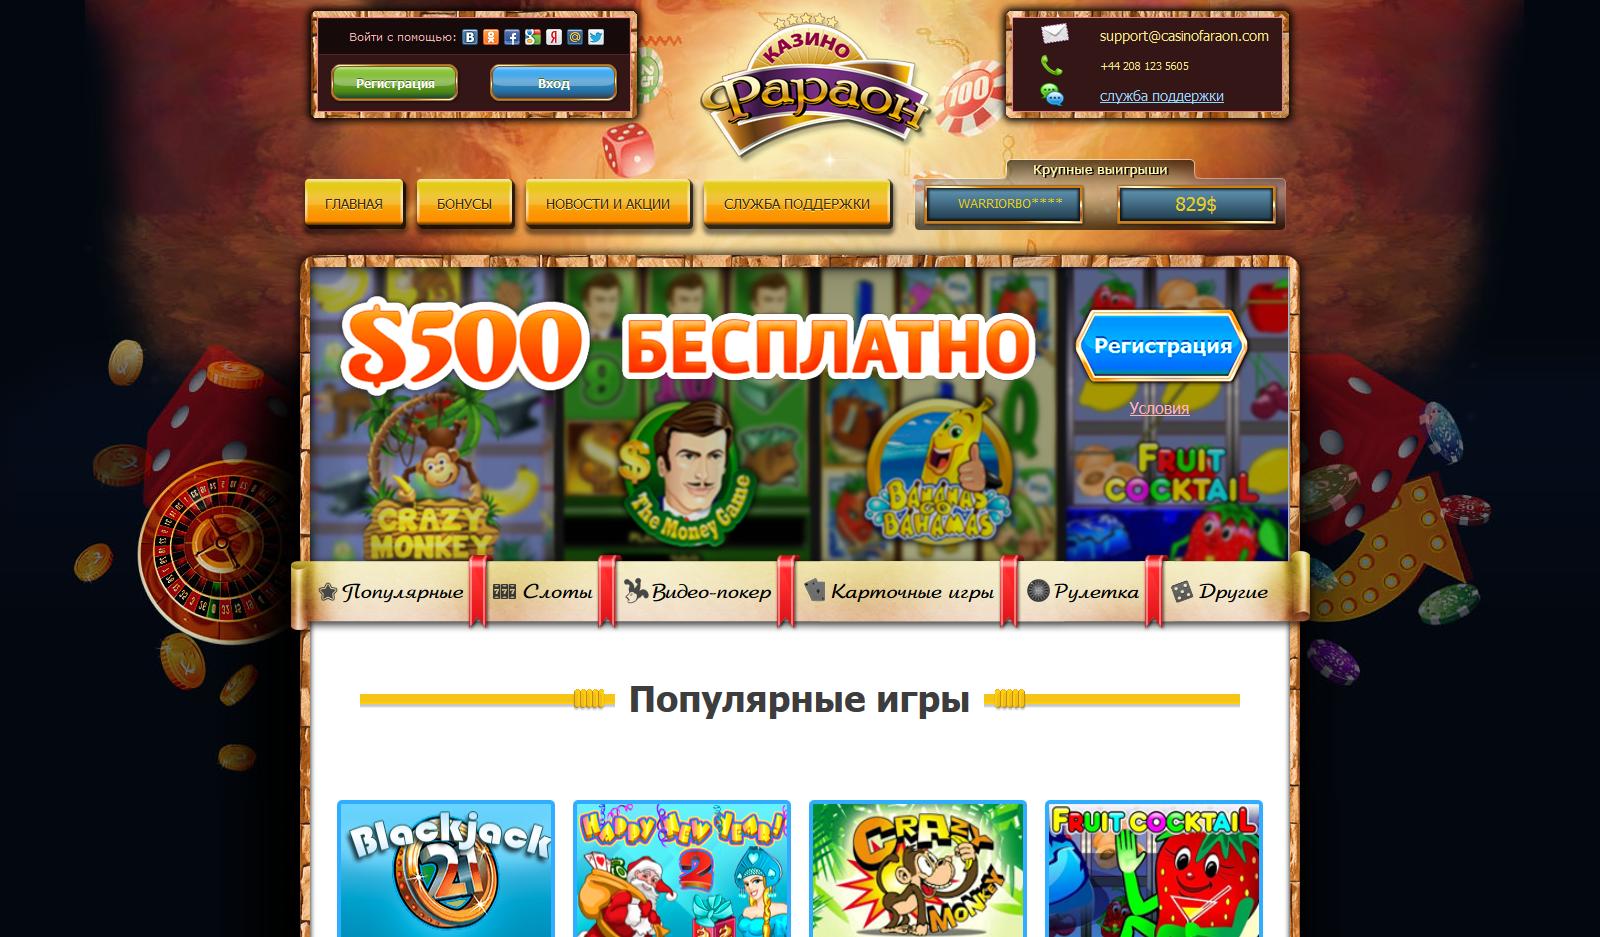 как долго выводят деньги с казино playfortuna